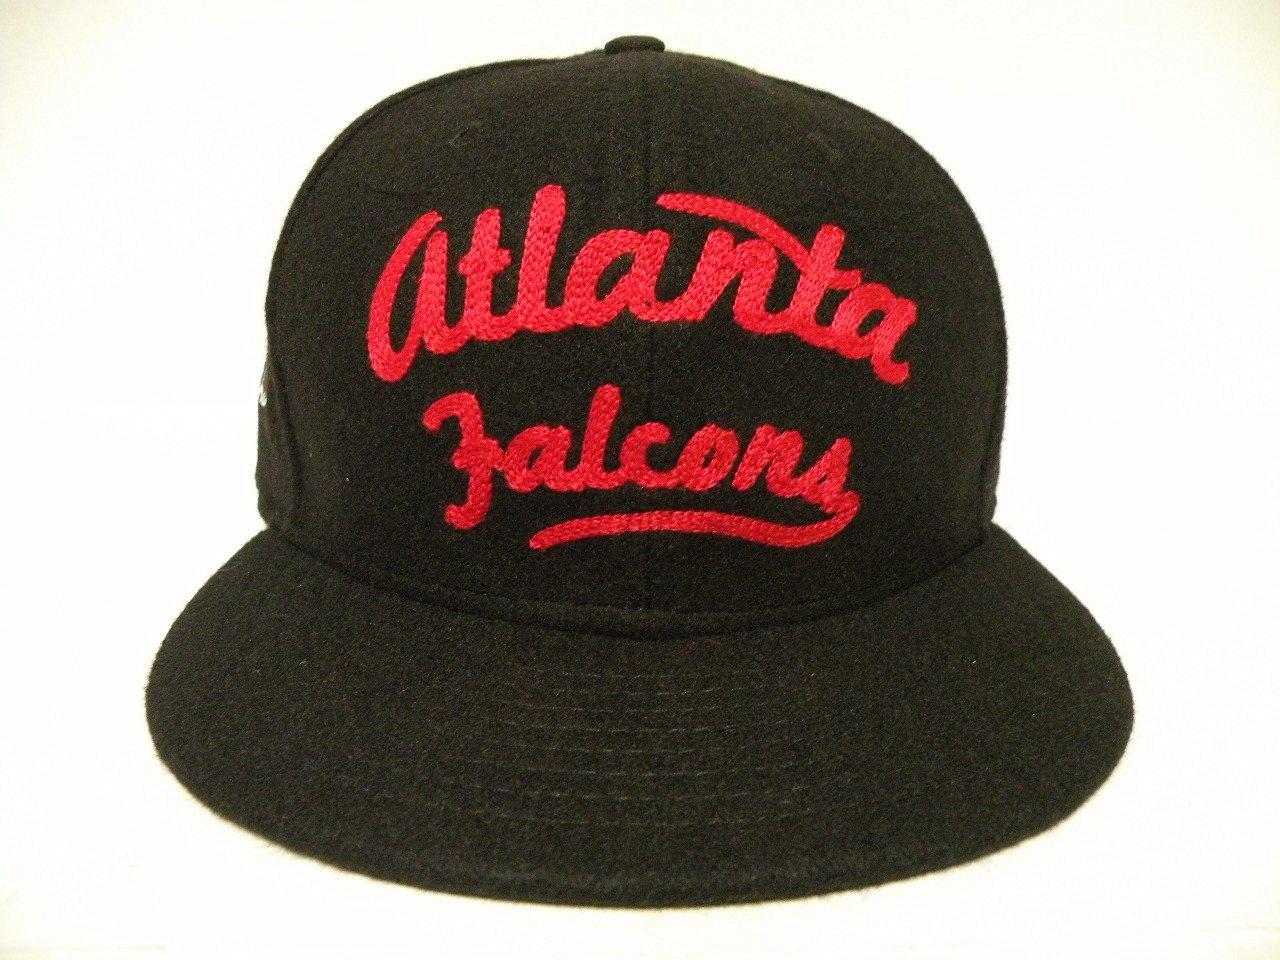 303518d9c40 Get Quotations · New Era NFL Atlanta Falcons Black StrapBack Cap 9fifty  NewEra